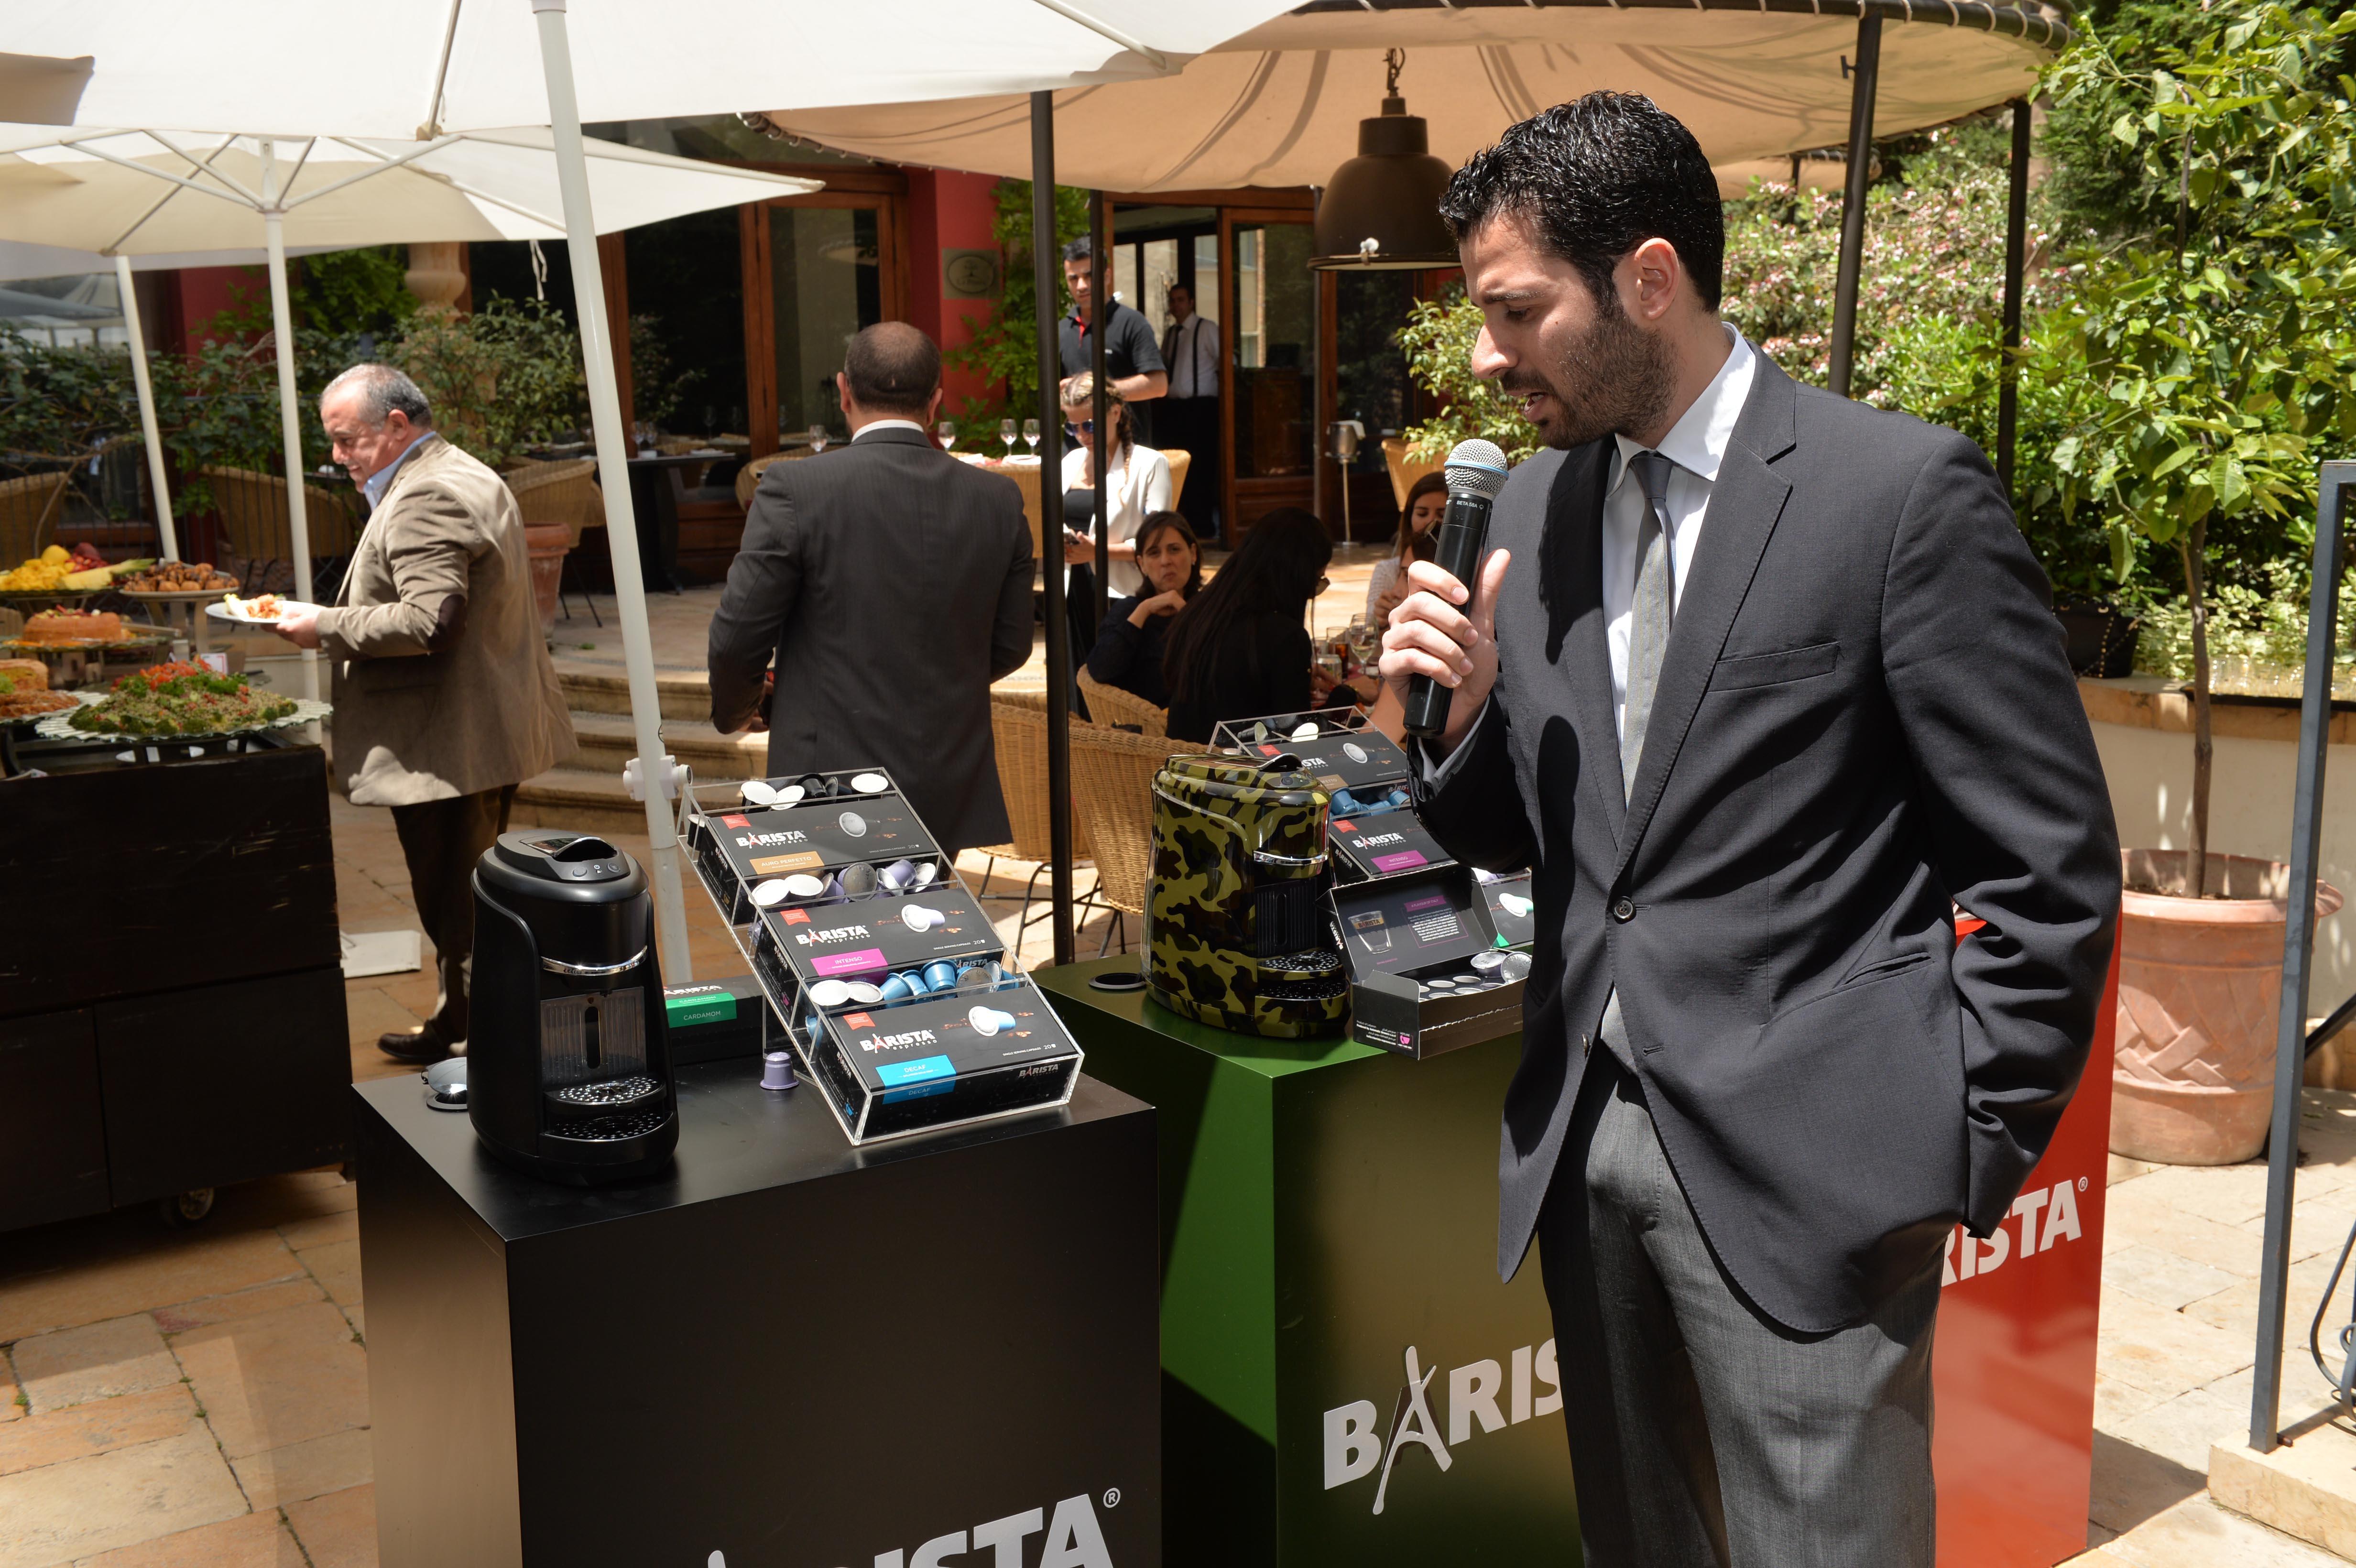 Welcome Barista S New Espresso Machine And Capsules